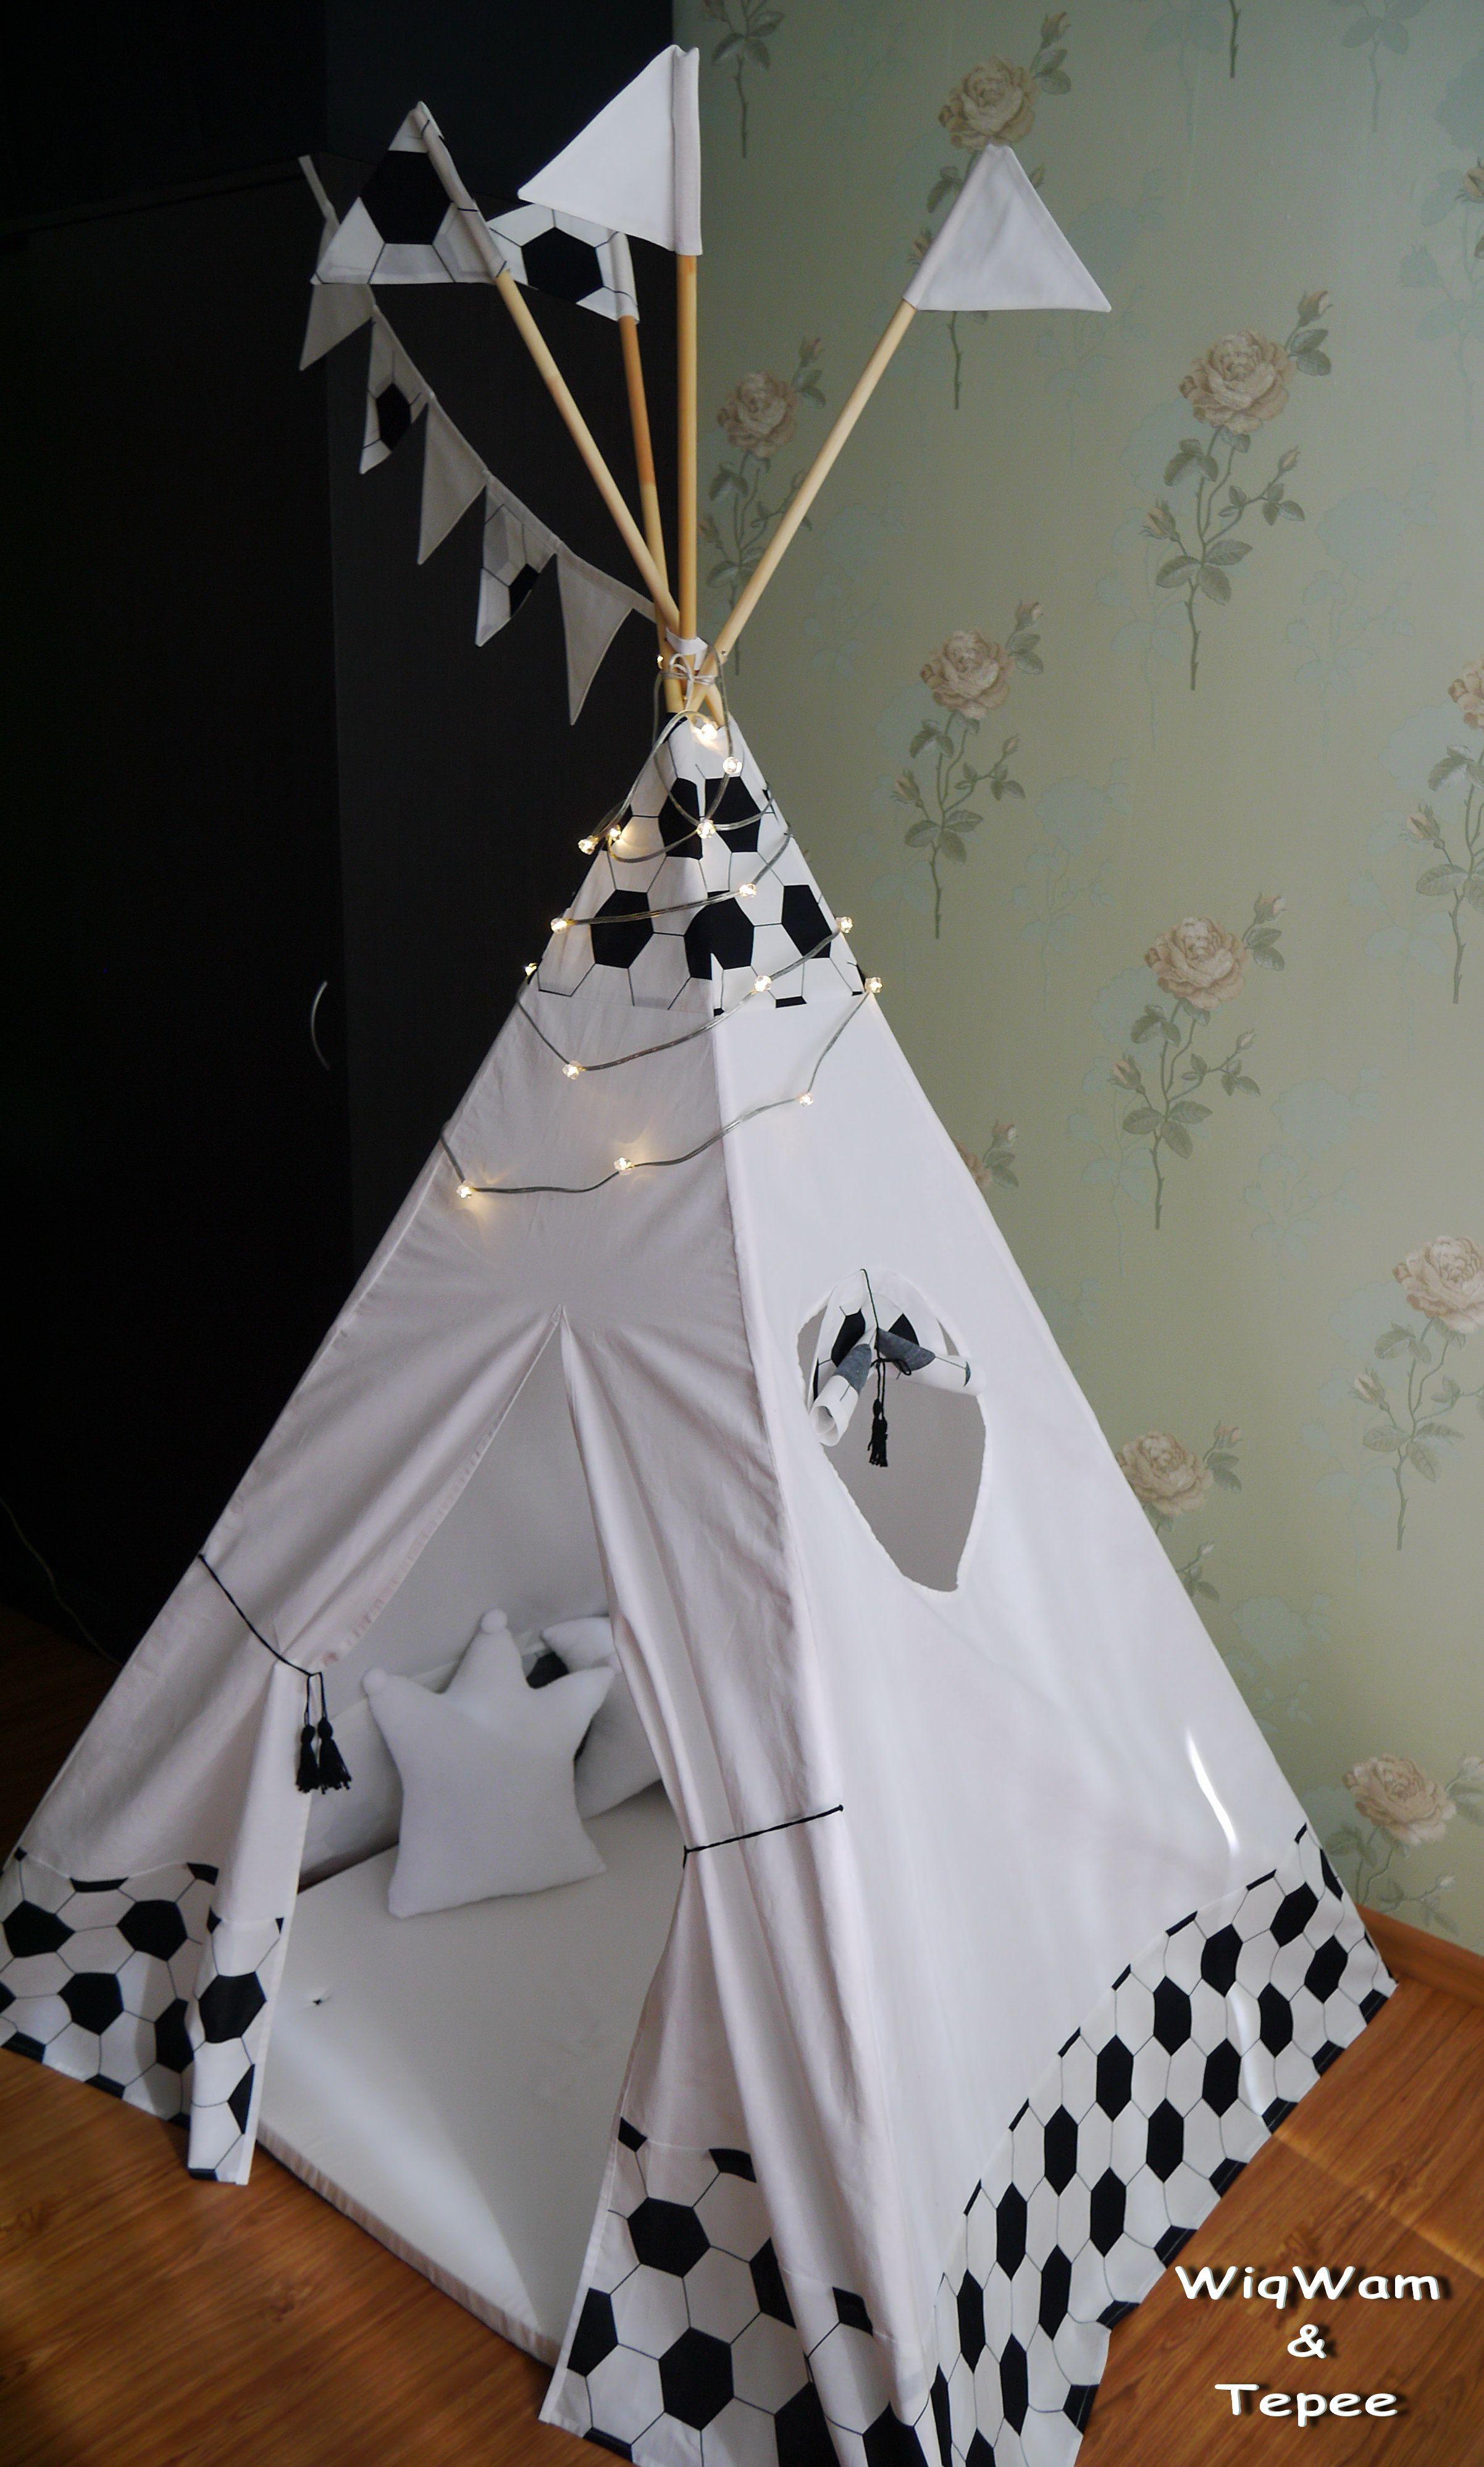 работа вигвам палатки ручная детские 100% хлопок типи